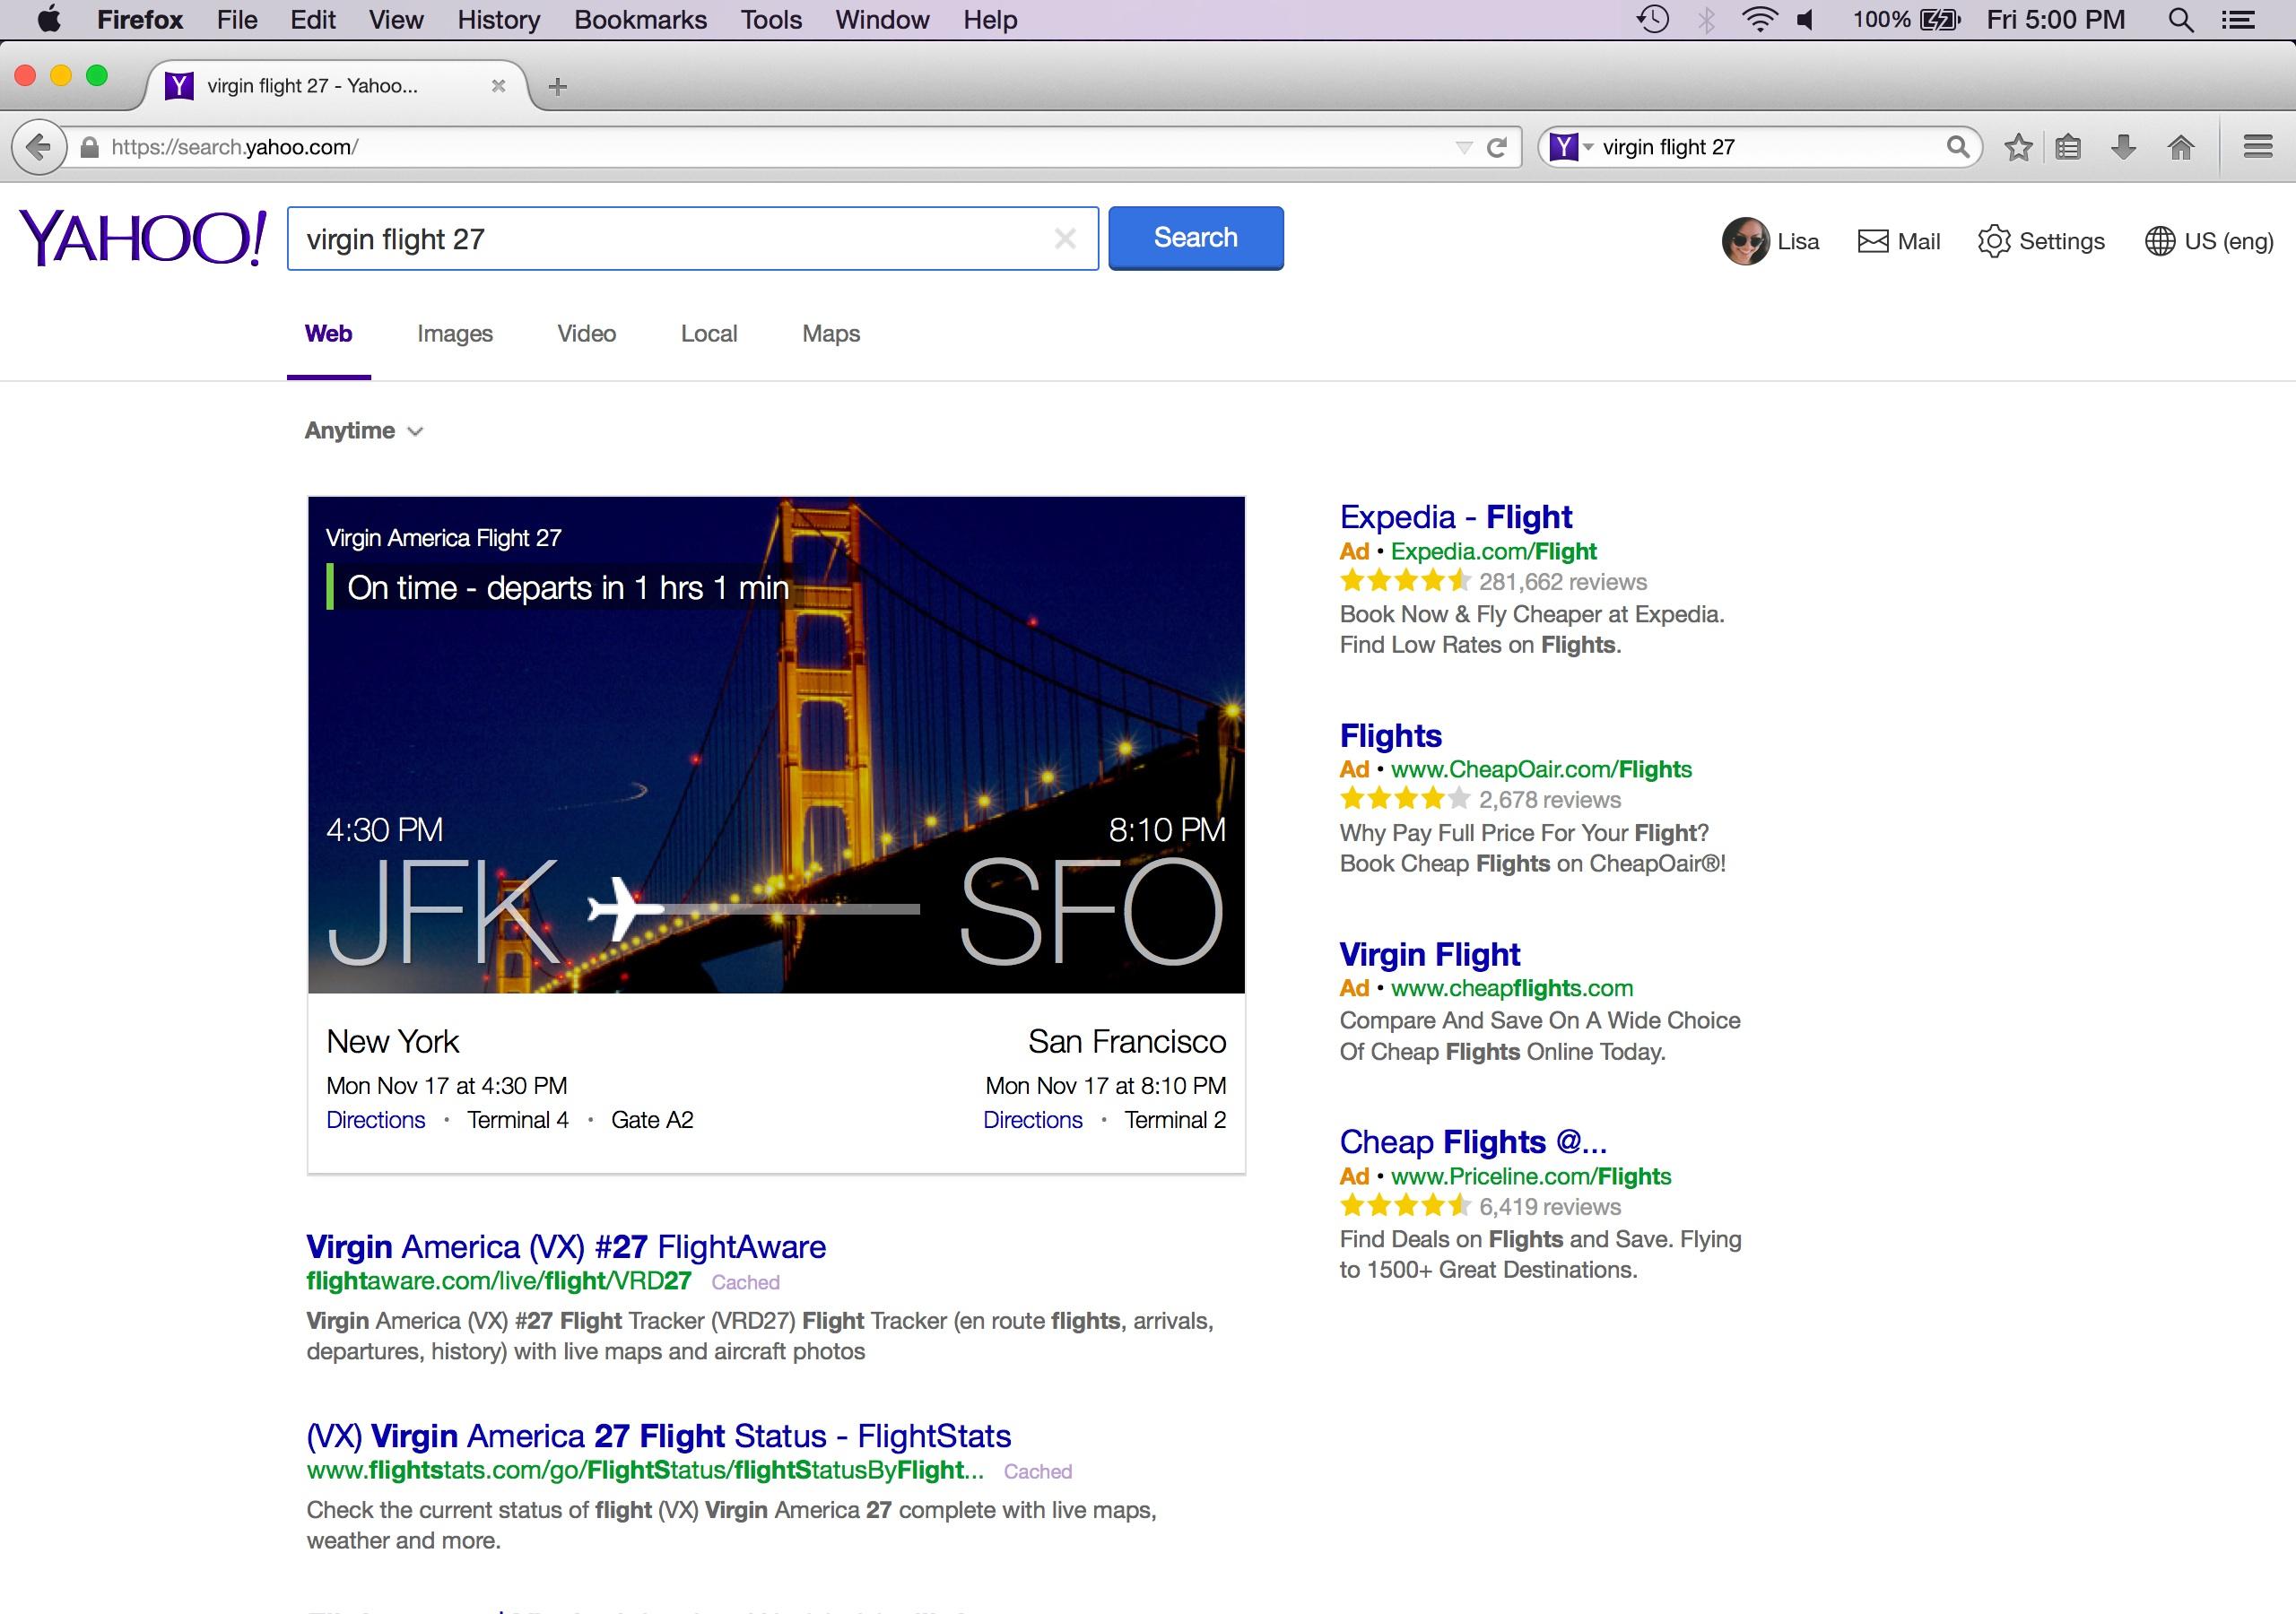 Le nouveau Yahoo Search